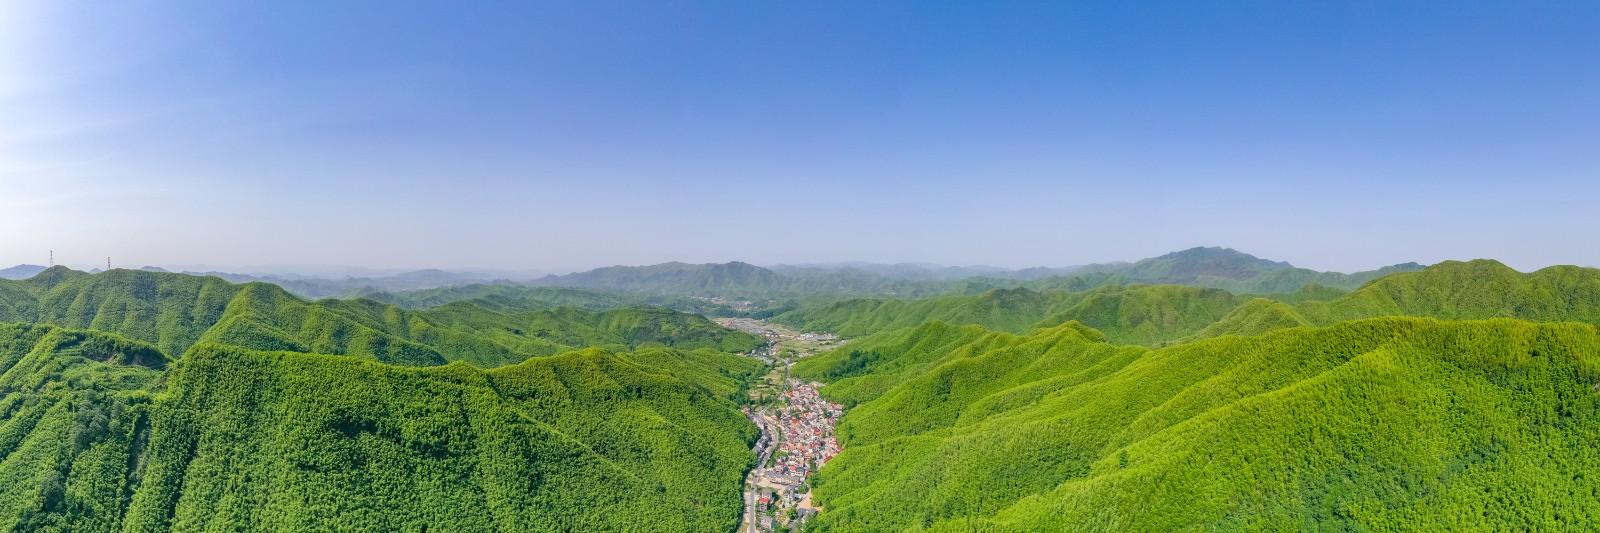 【安吉】五月初夏,在杭州后花园过个周末